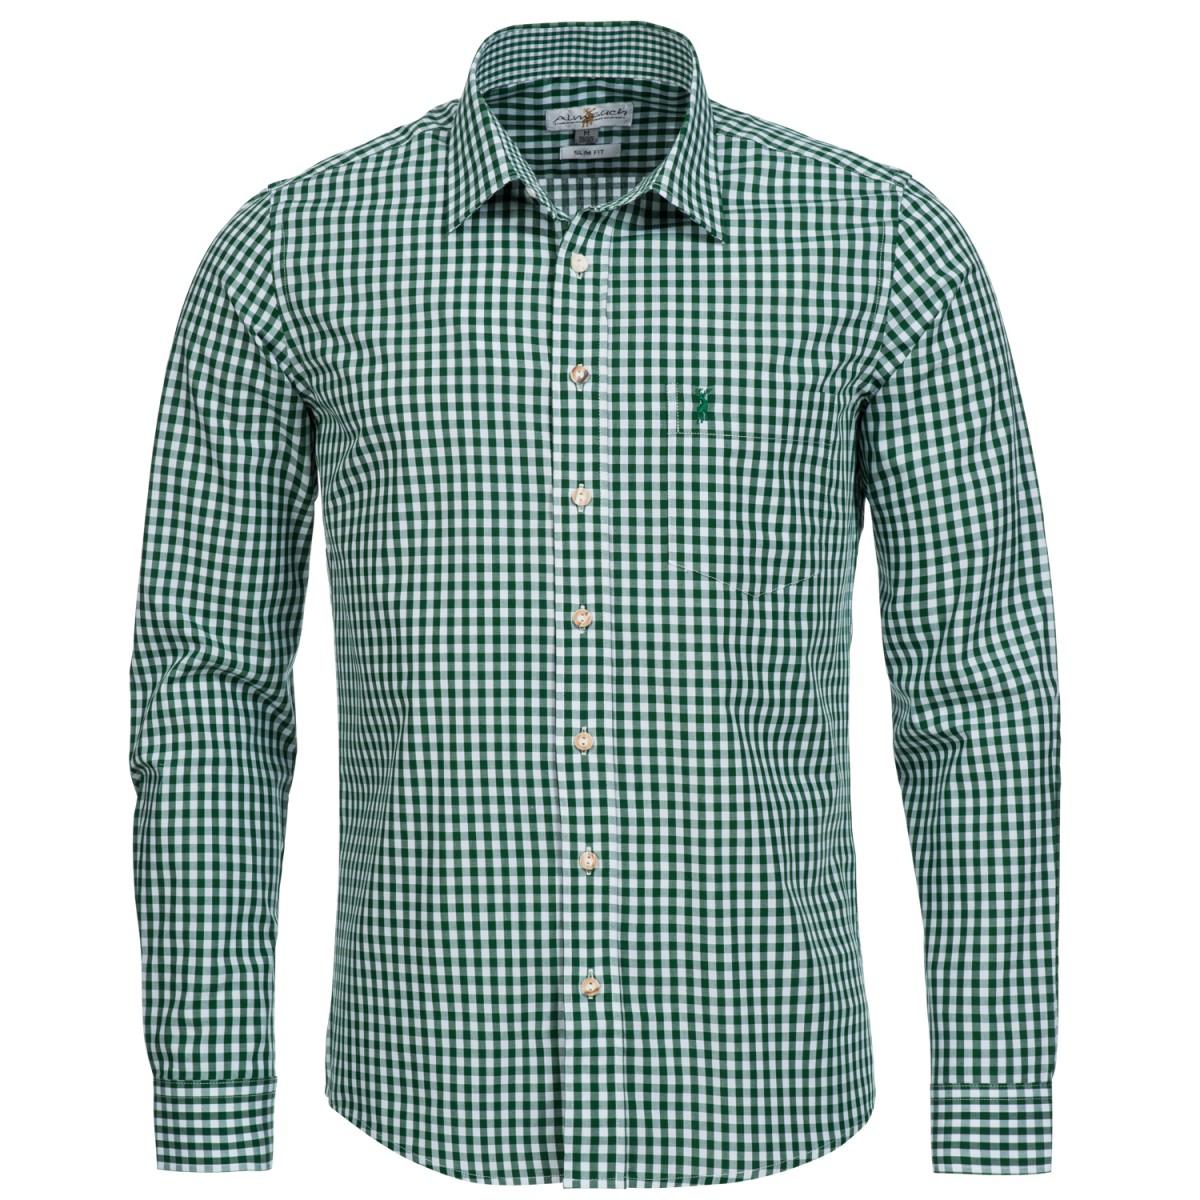 grünes Trachtenhemd von Almsach